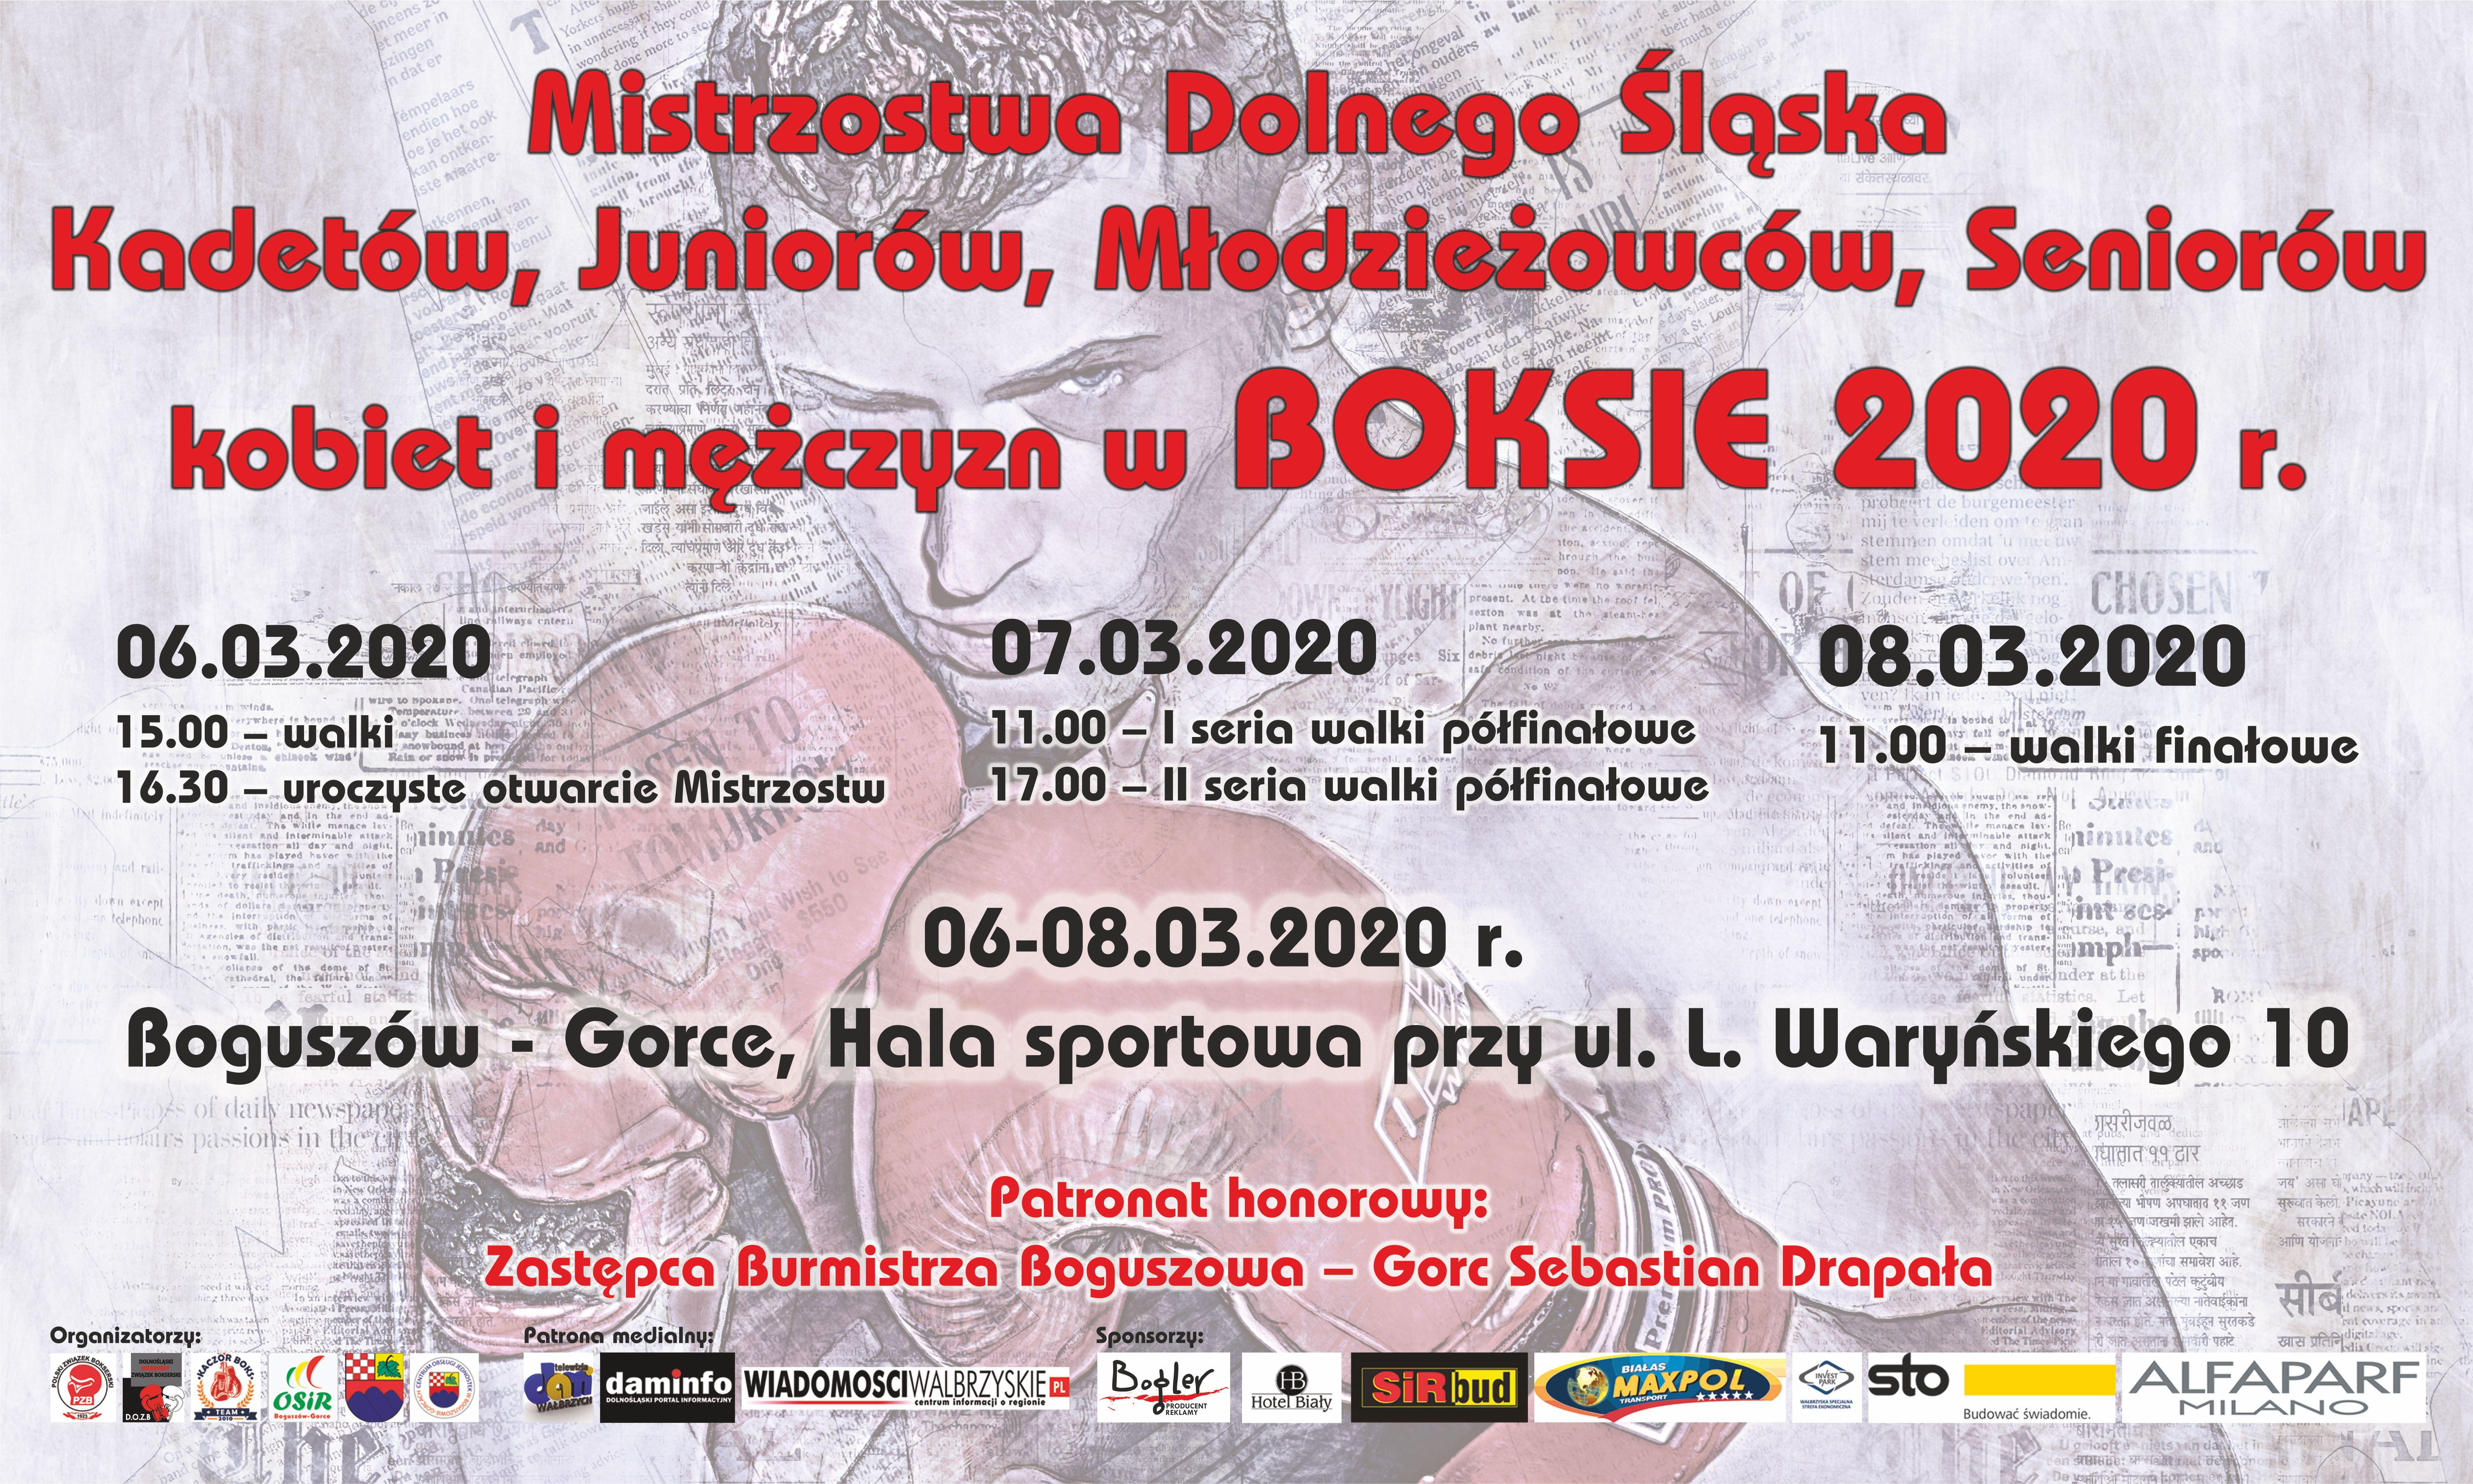 Mistrzostwa Dolnego Śląska kobiet i mężczyzn w BOKSIE 2020 r